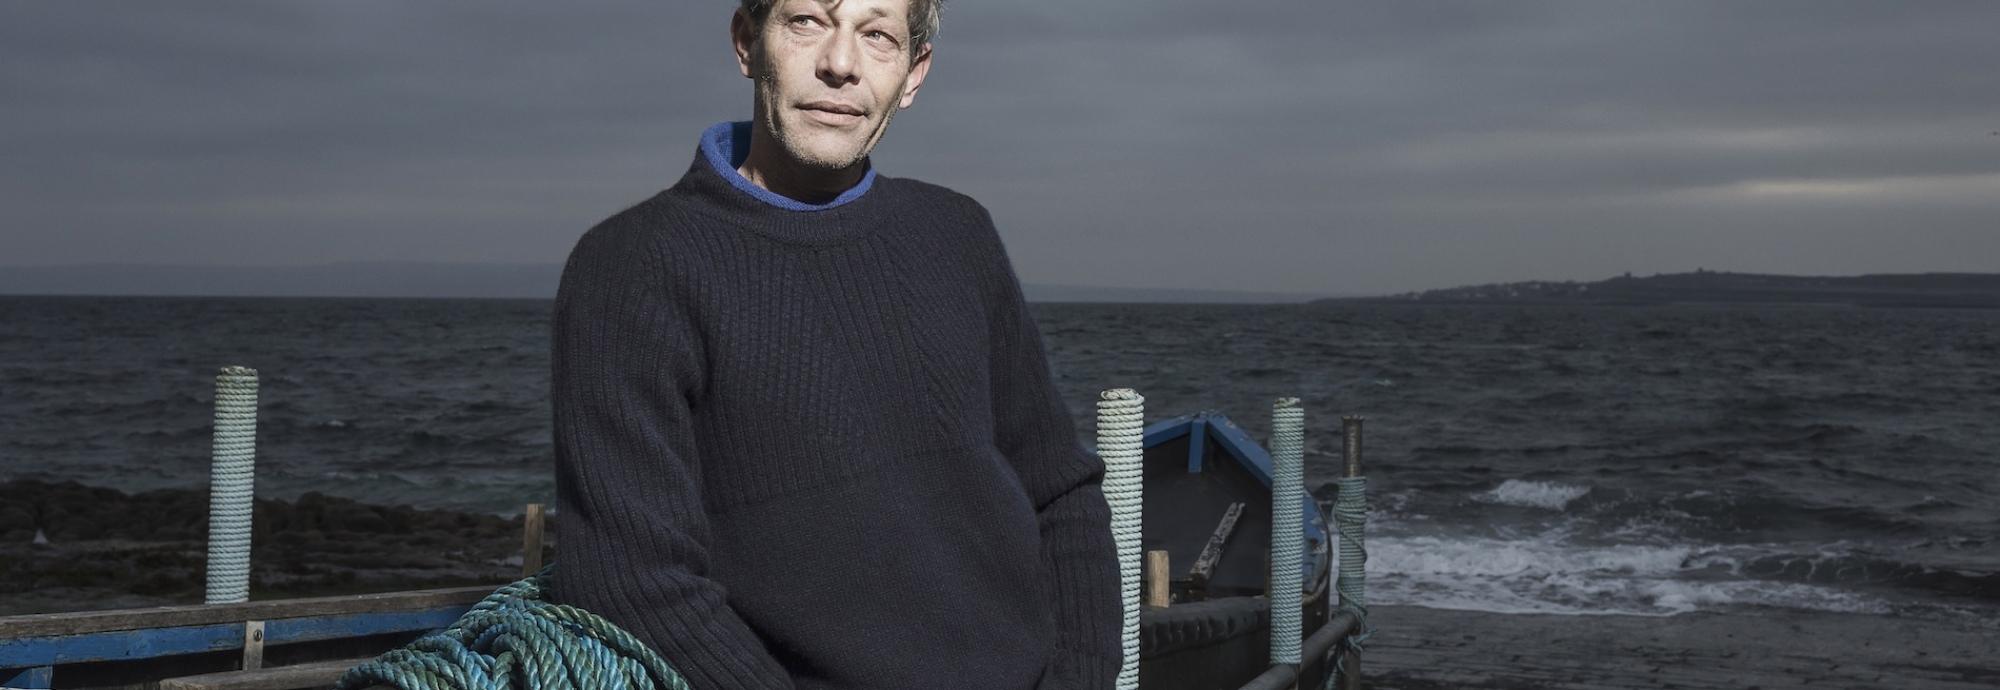 new concept 2deec efb3b Wertvolle Fisherman Pullover, Wolldecken und Tweed Caps ...